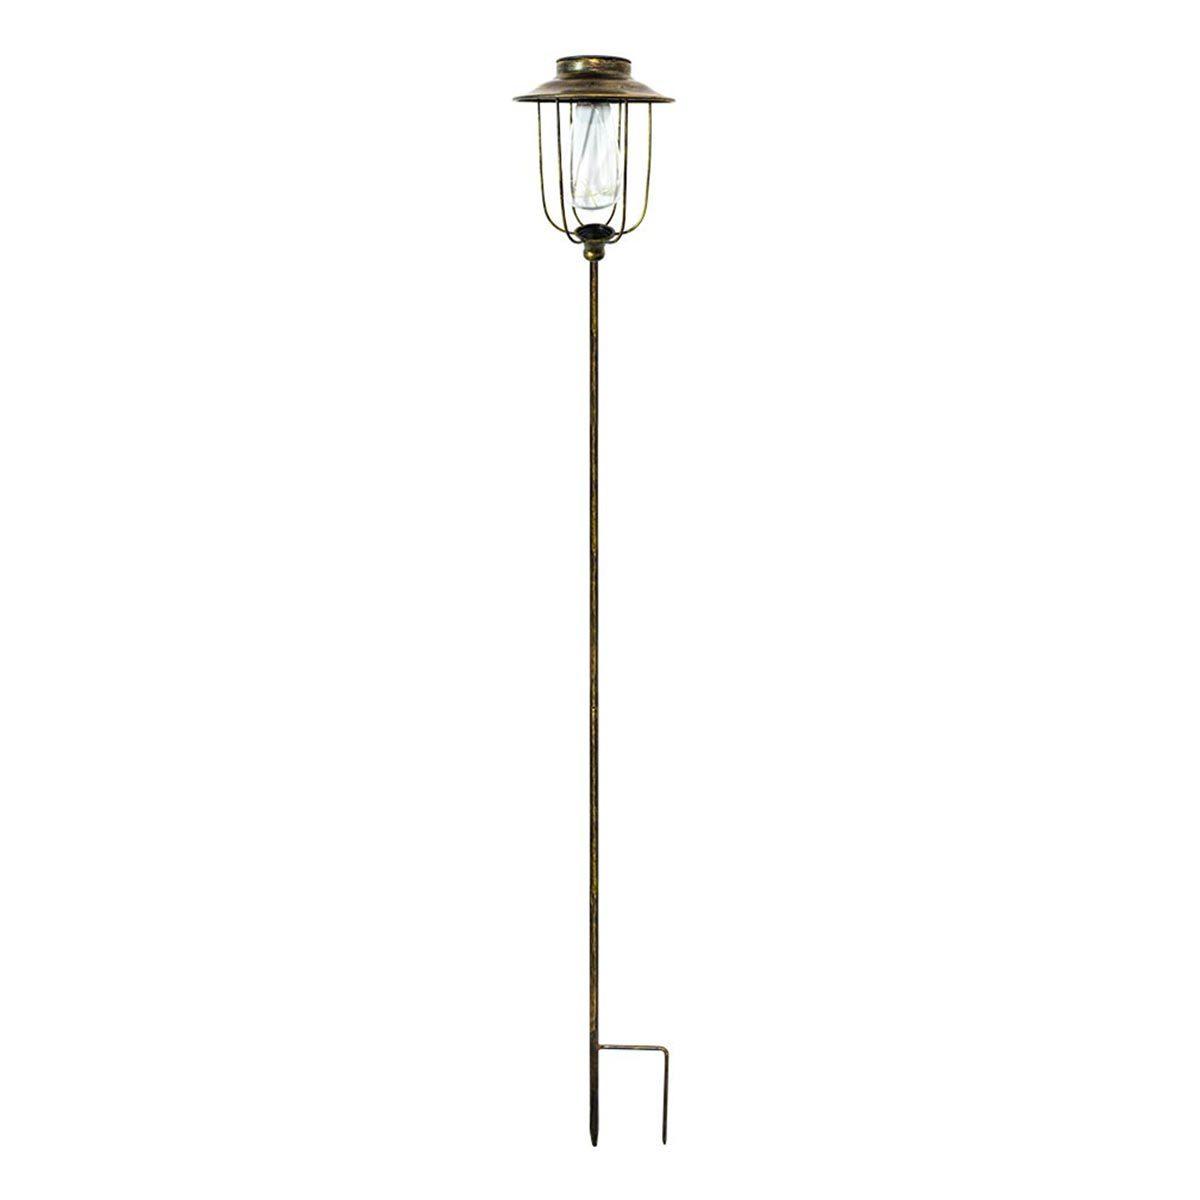 PICK VINTY-Balise solaire vintage acier marron H85cm